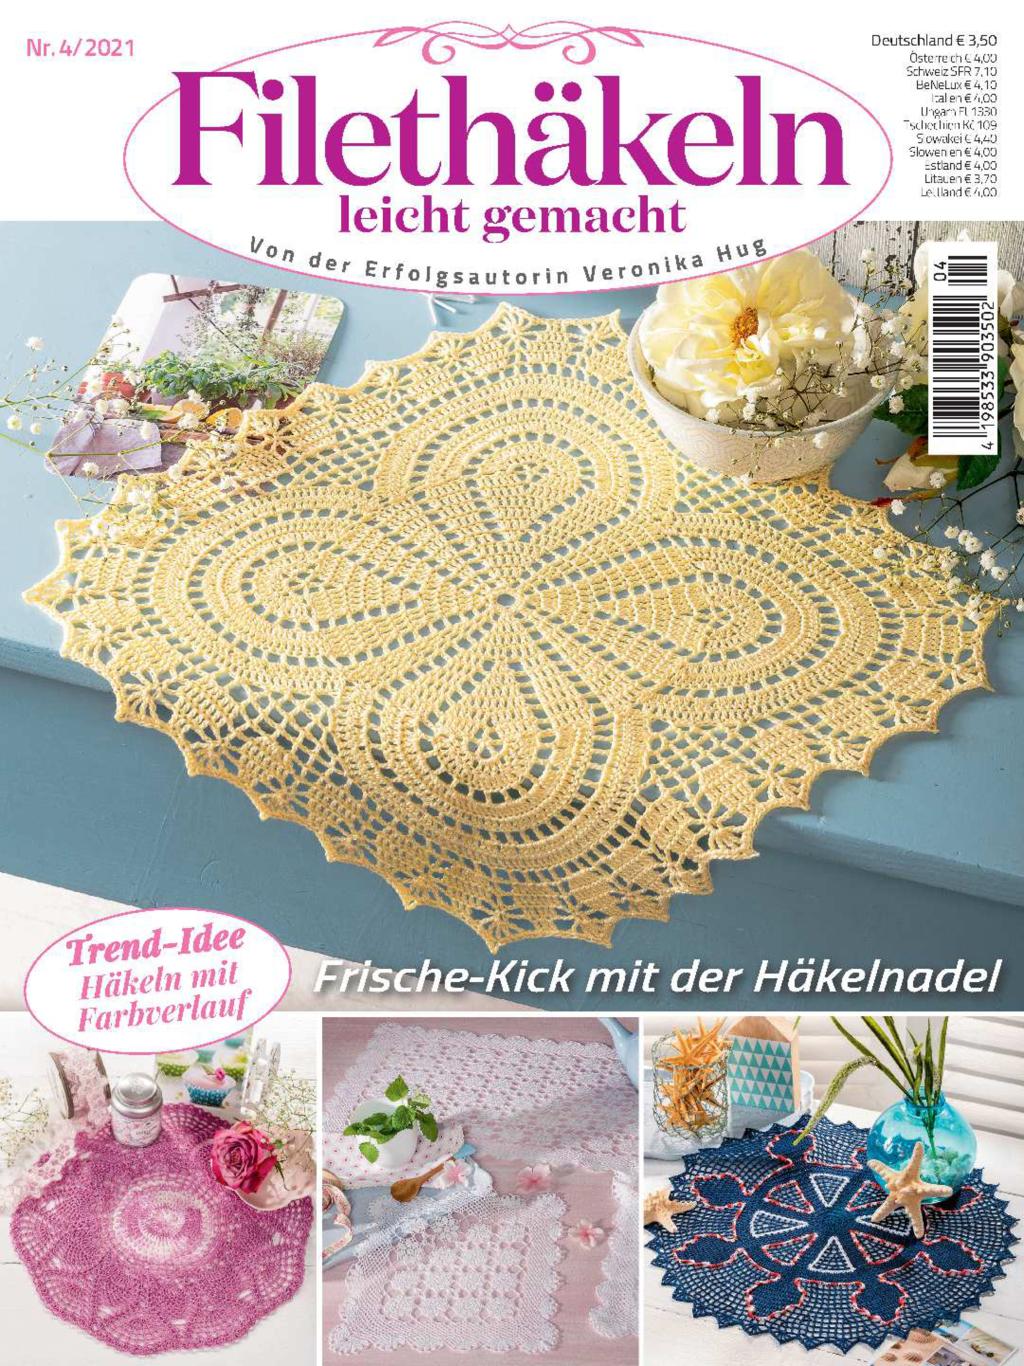 Filethäkeln leicht gemacht Nr. 04/2021 - Frische-Kick mit der Häkelnadel